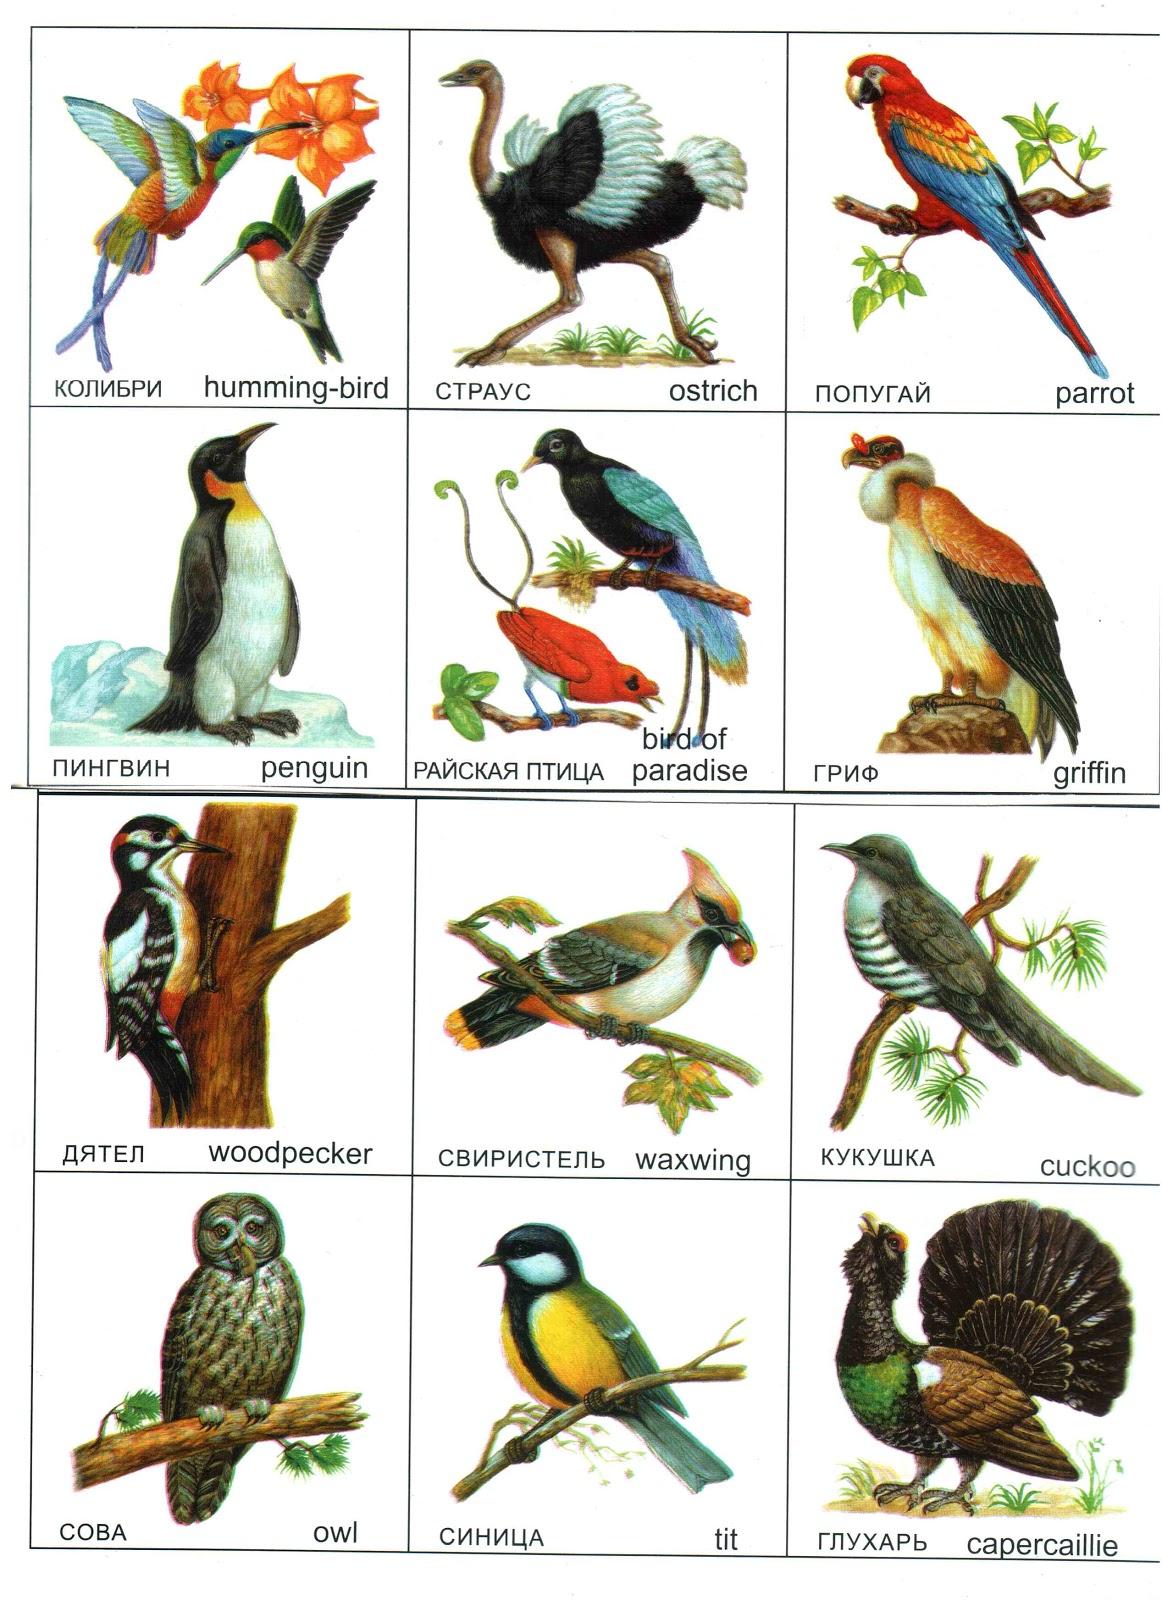 птица средней полосы крупного размера 673662354